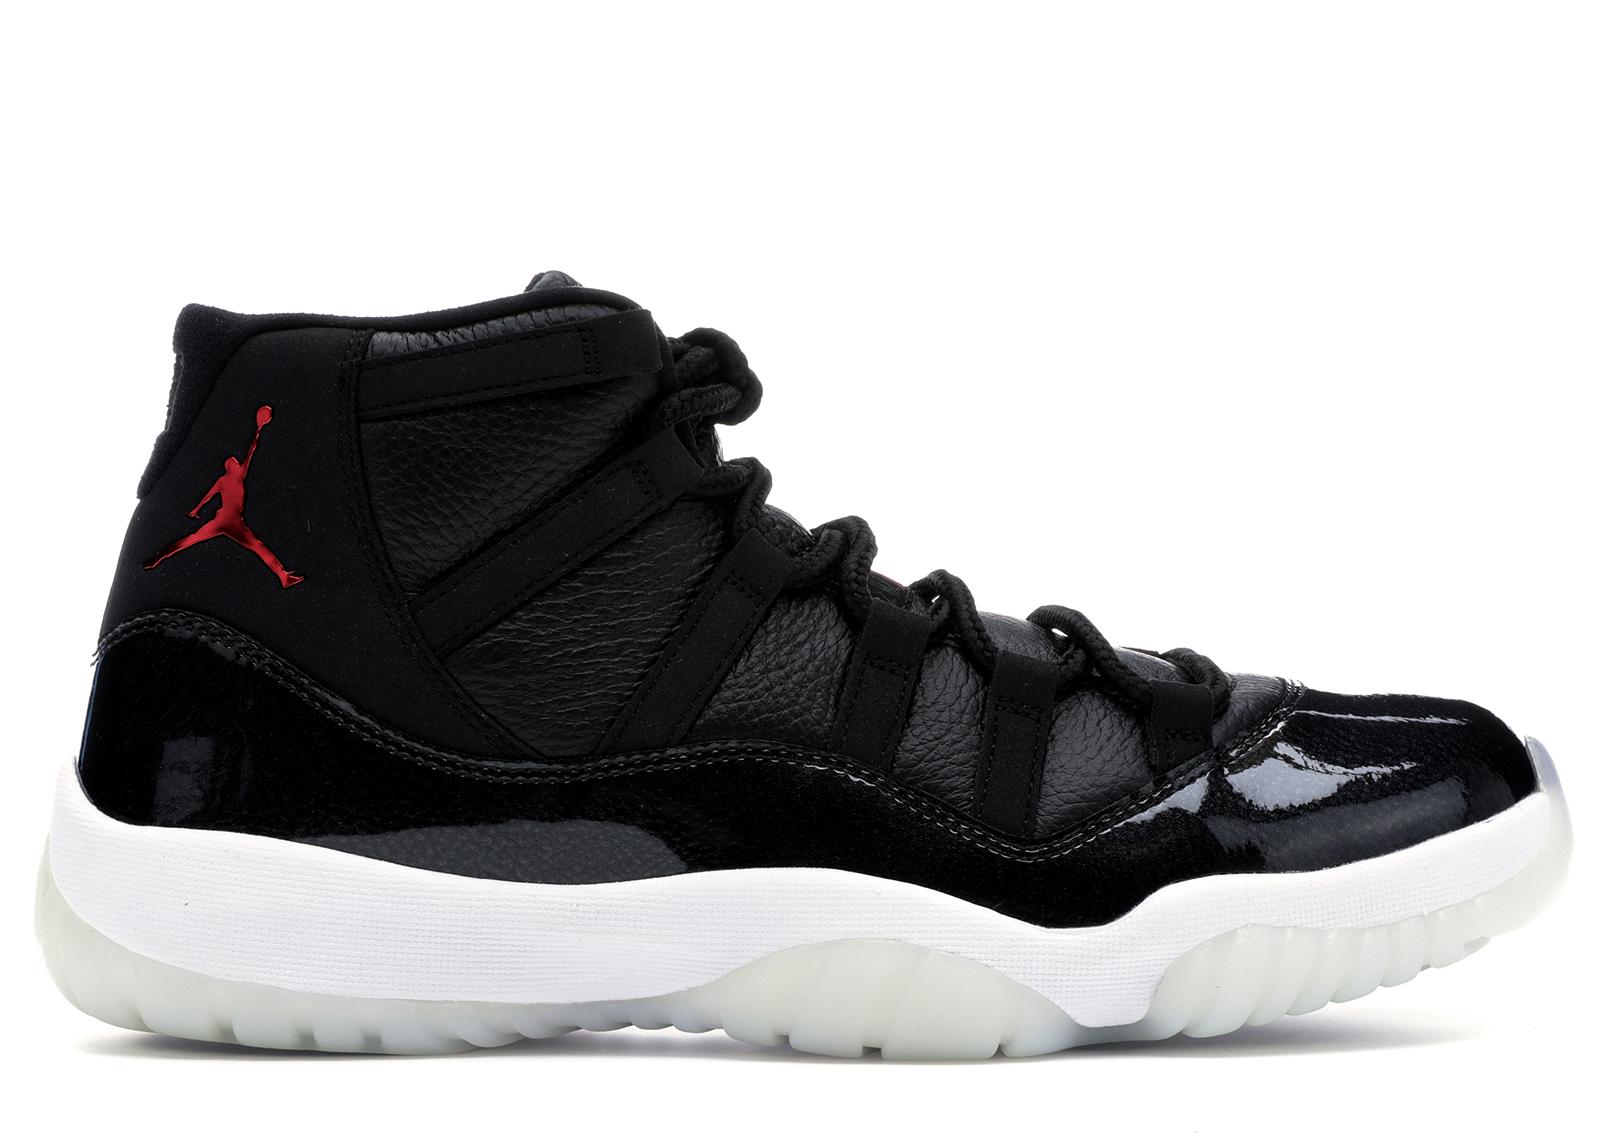 Jordan 11 Retro 72-10 - 378037-002